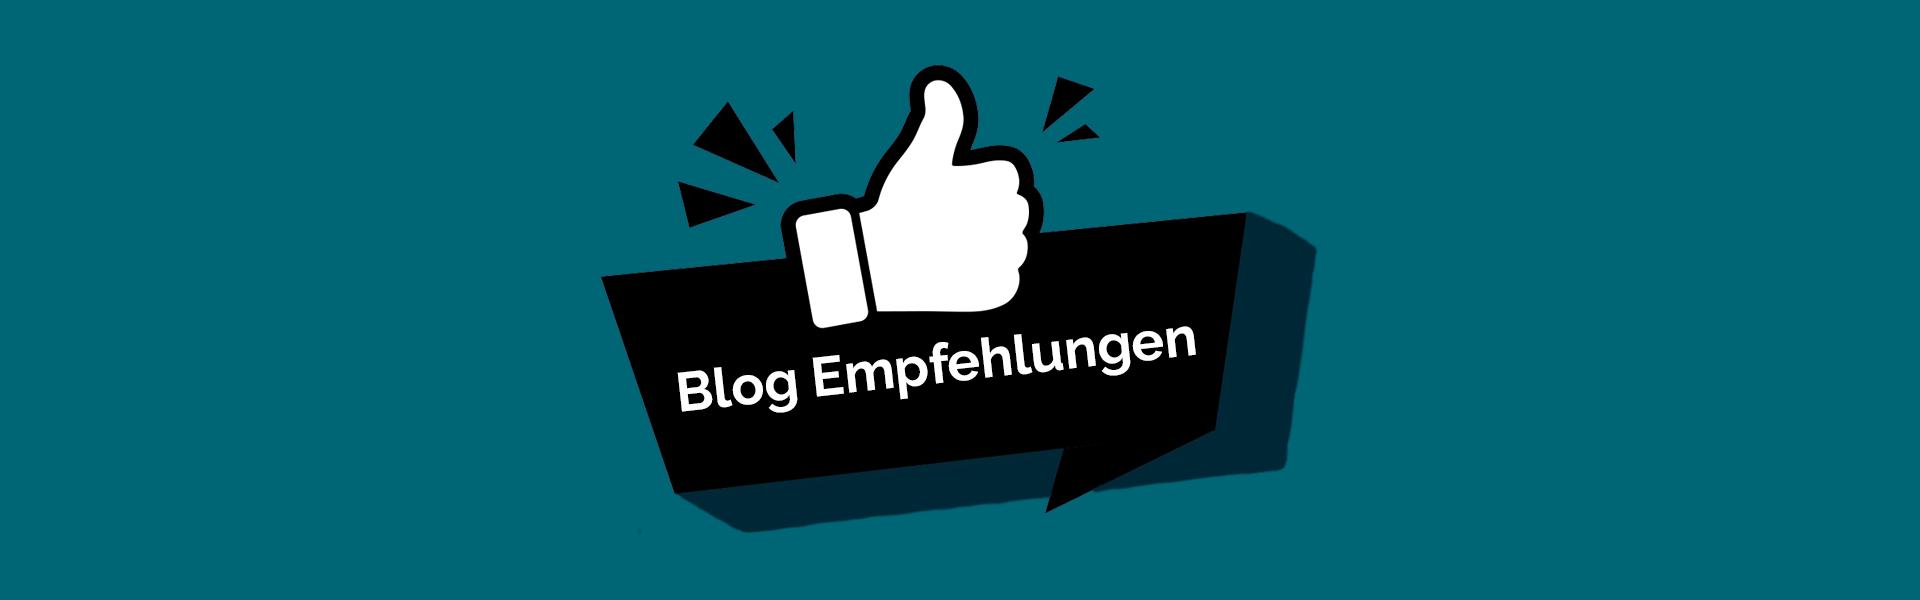 Headerbild Blog Empfehlungen